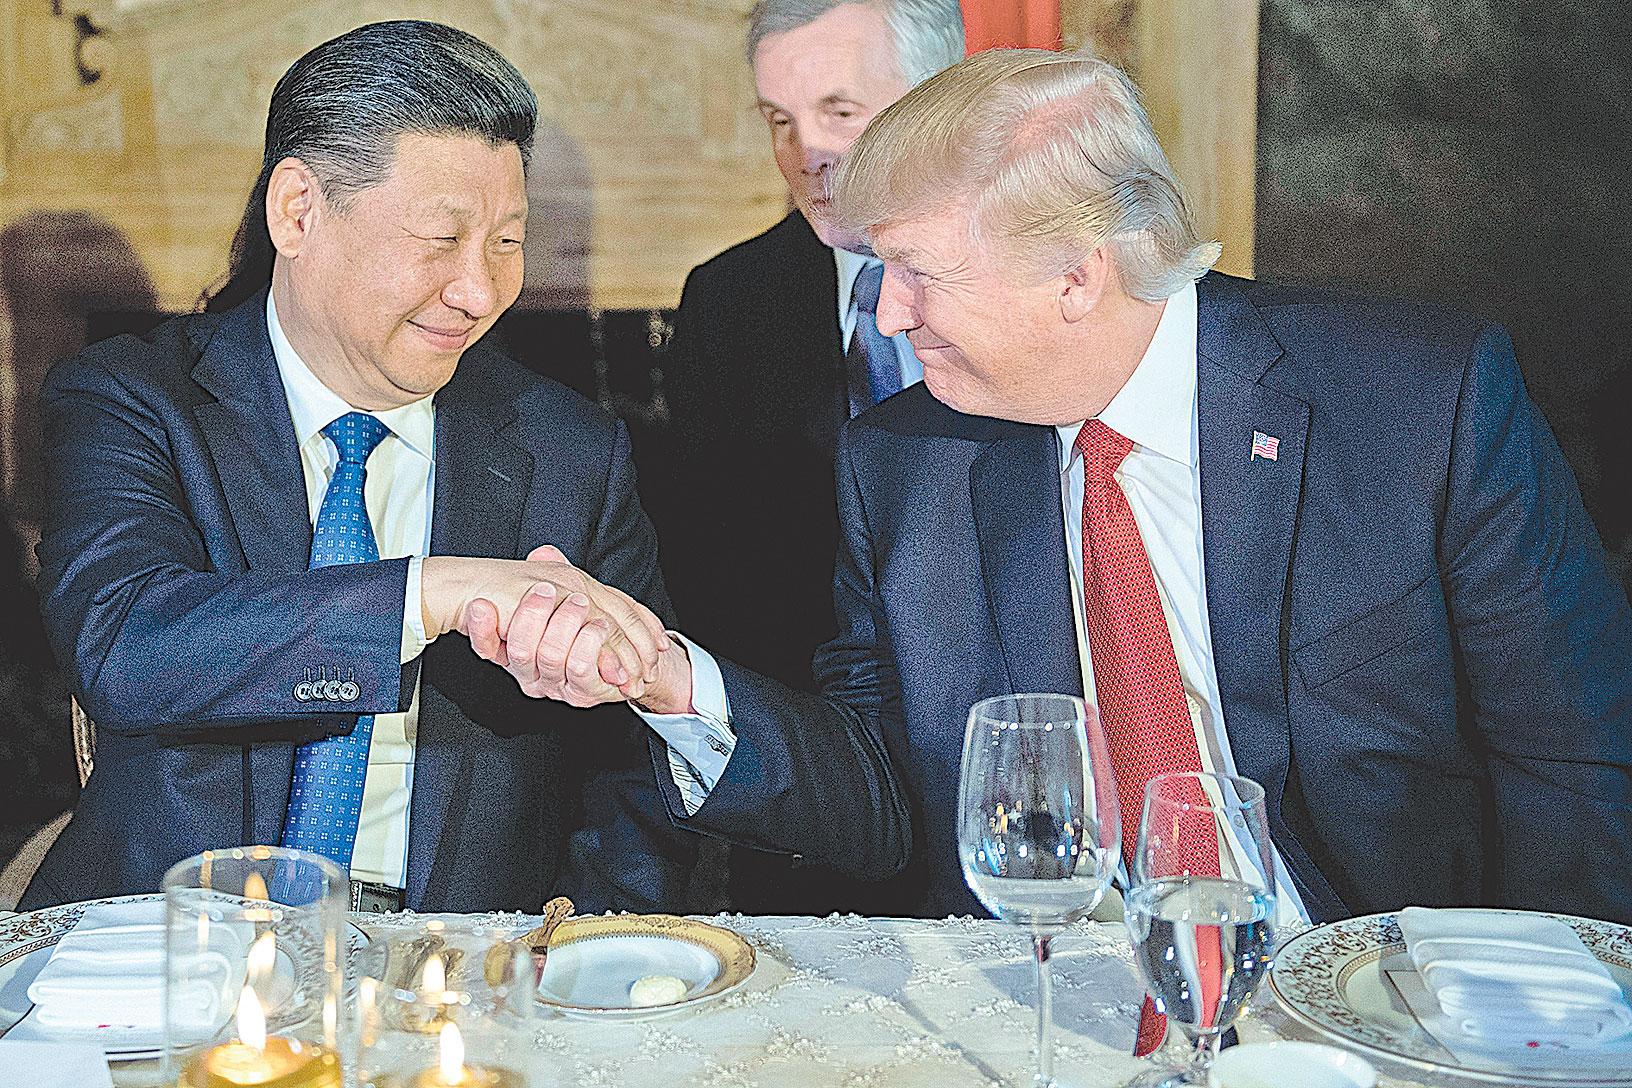 12月1日晚,美國總統特朗普和習近平在阿根廷進行貿易談判。圖為特朗普和習近平會面資料照。(JIM WATSON/AFP/Getty Images)